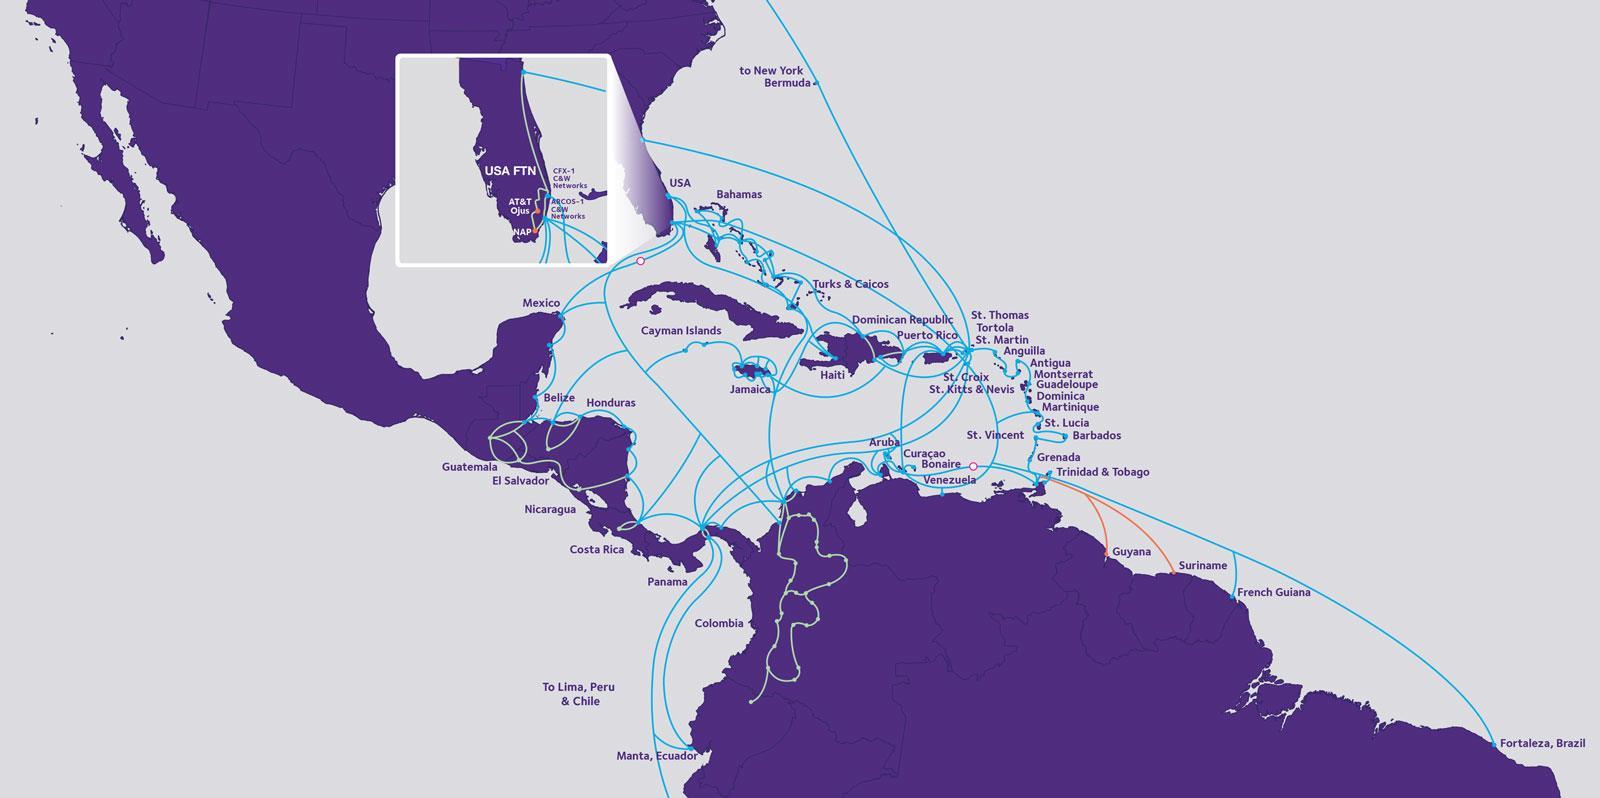 墨西哥25000千米光纤网络招标细则6月中旬发布